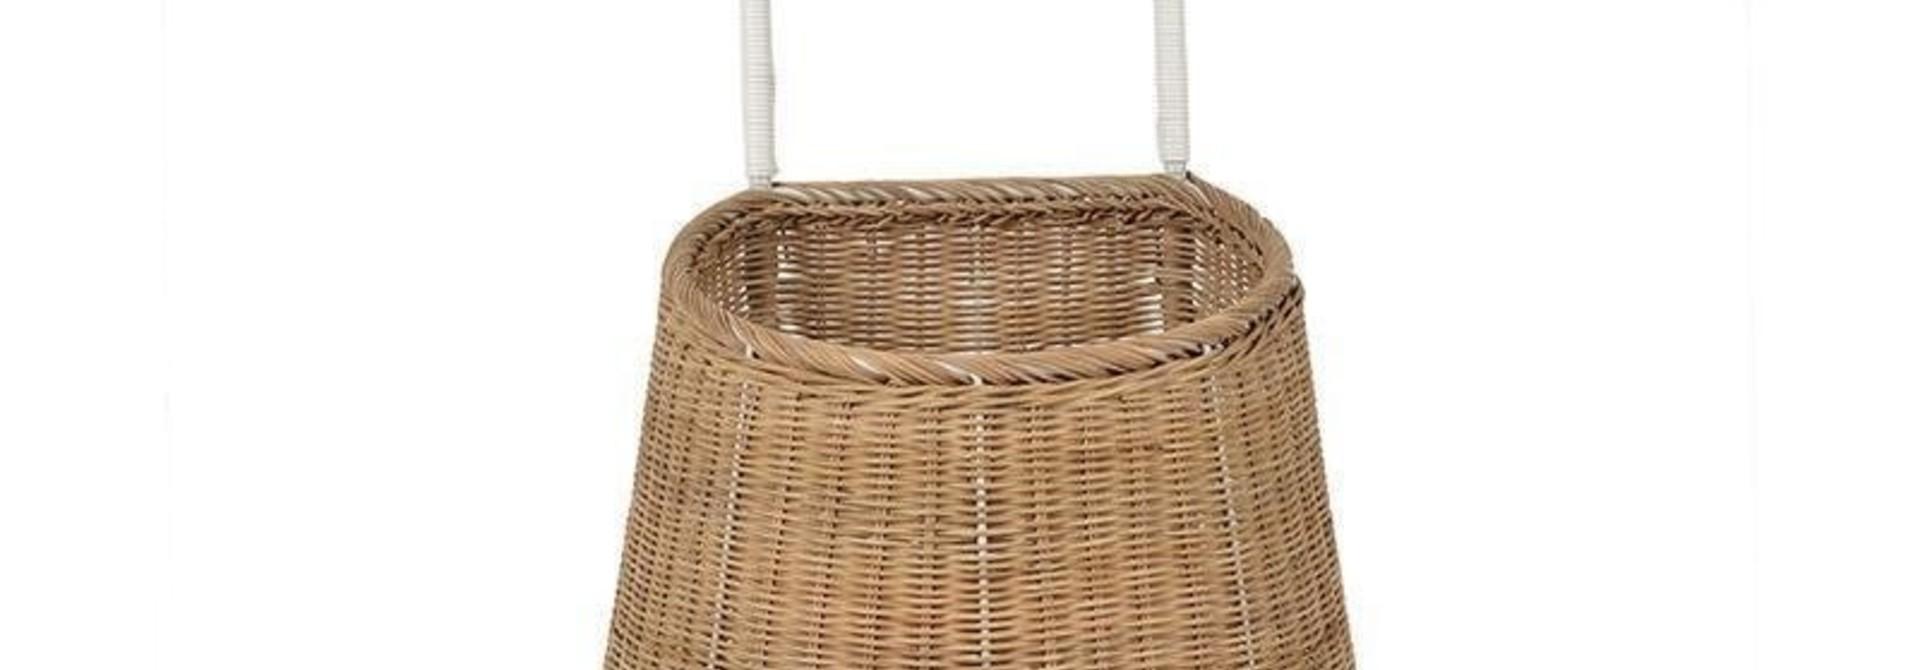 Luggy Basket BIG